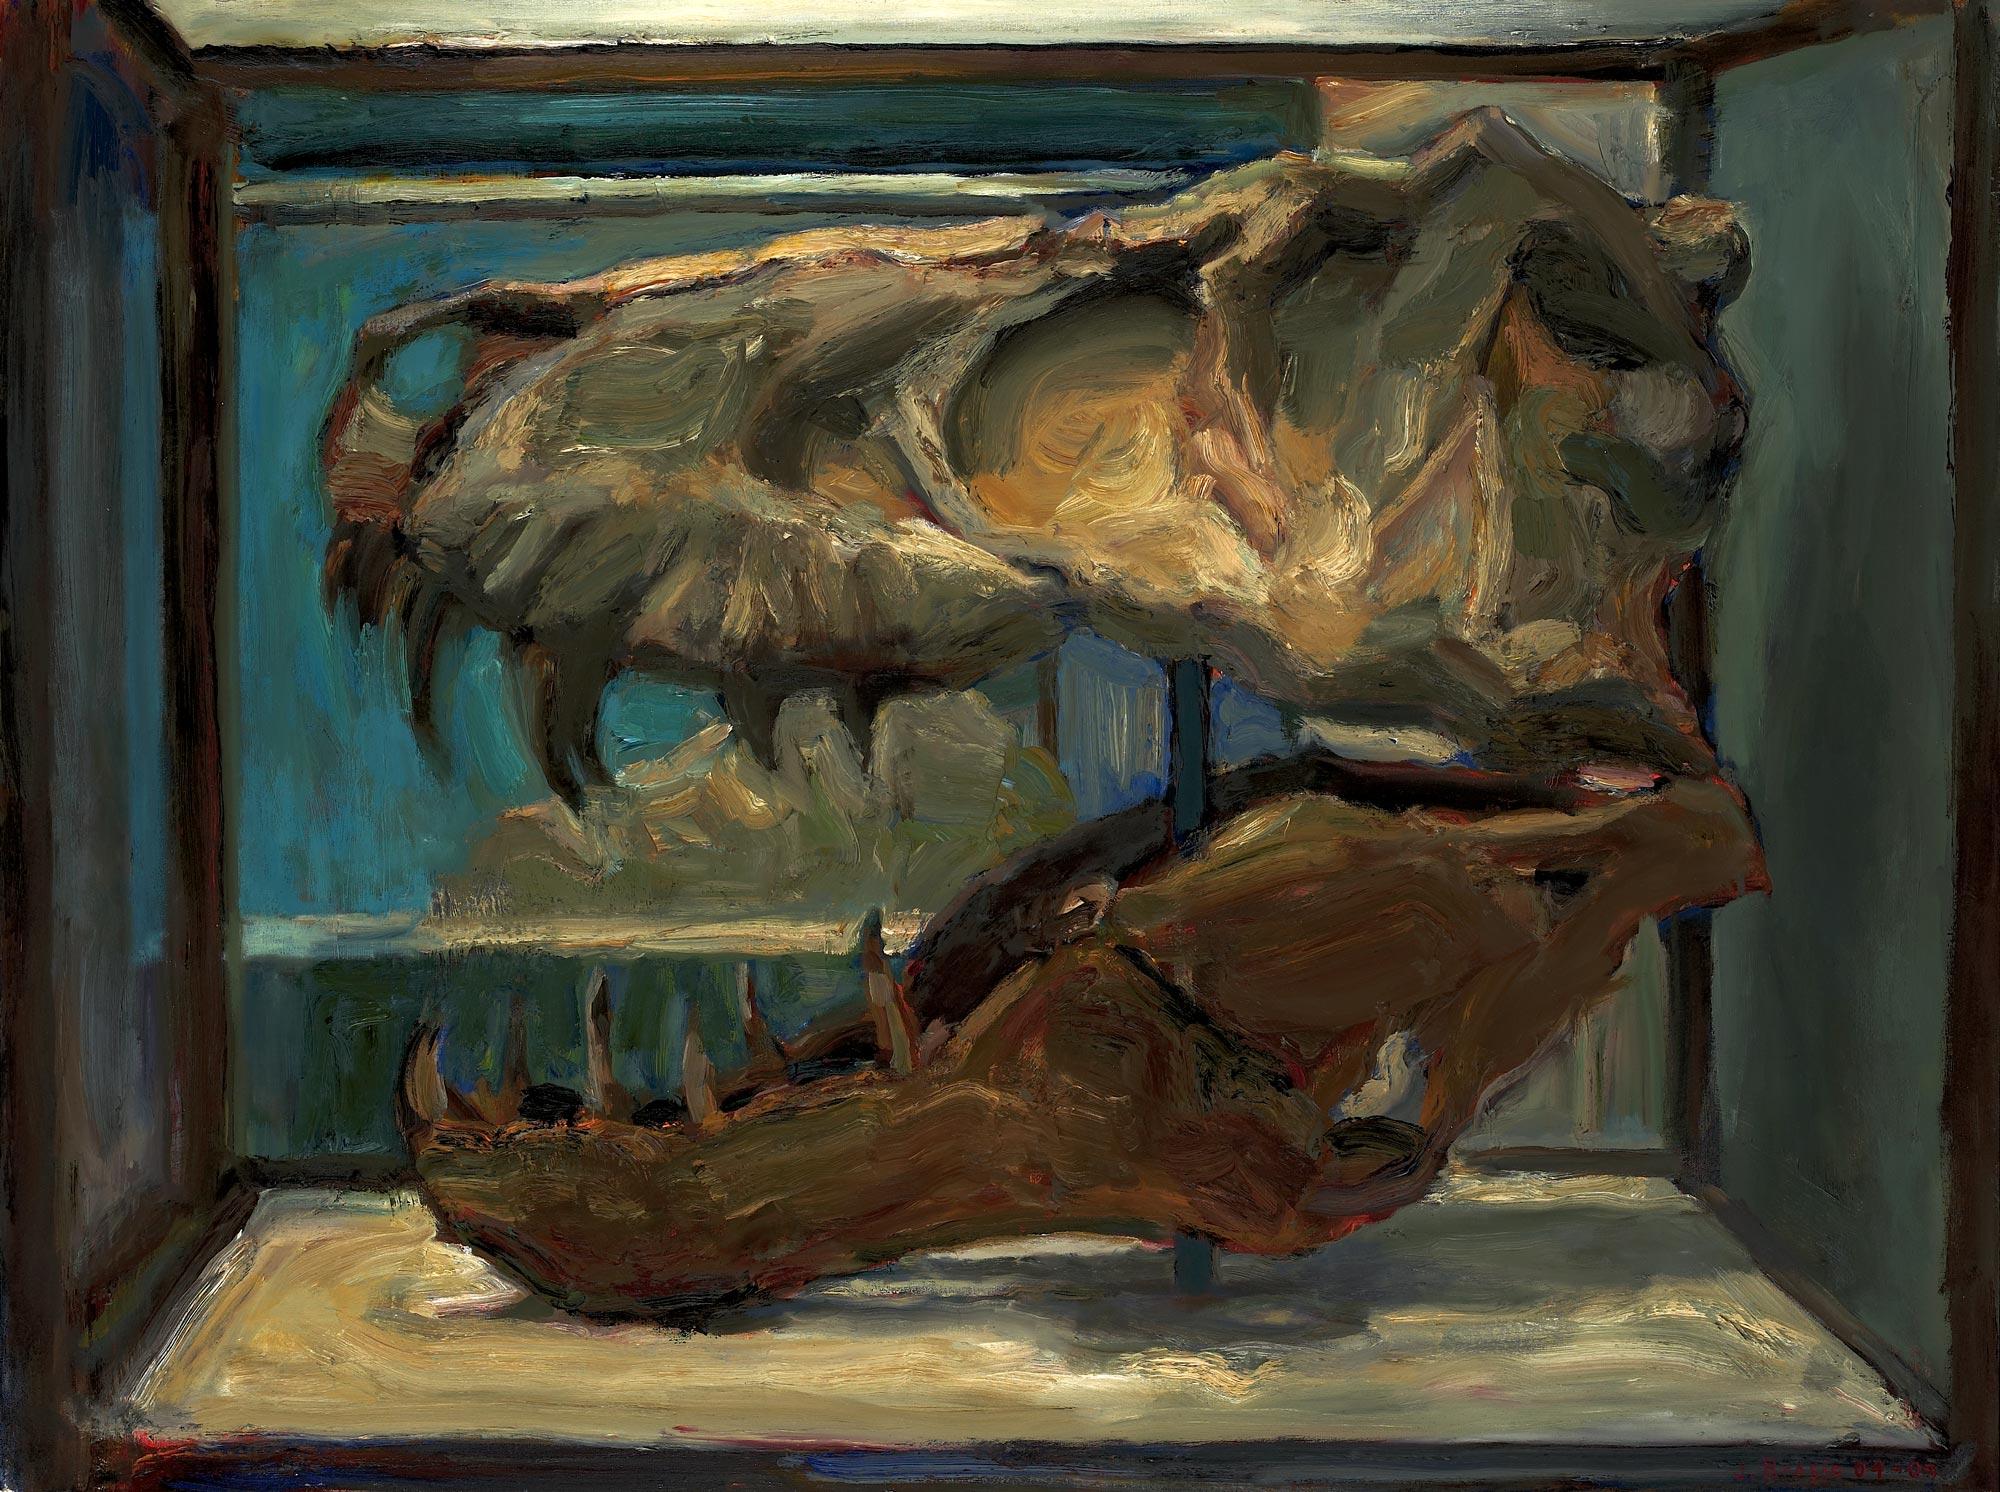 Sleepy Head, 36 x 48, oil on canvas, 2009